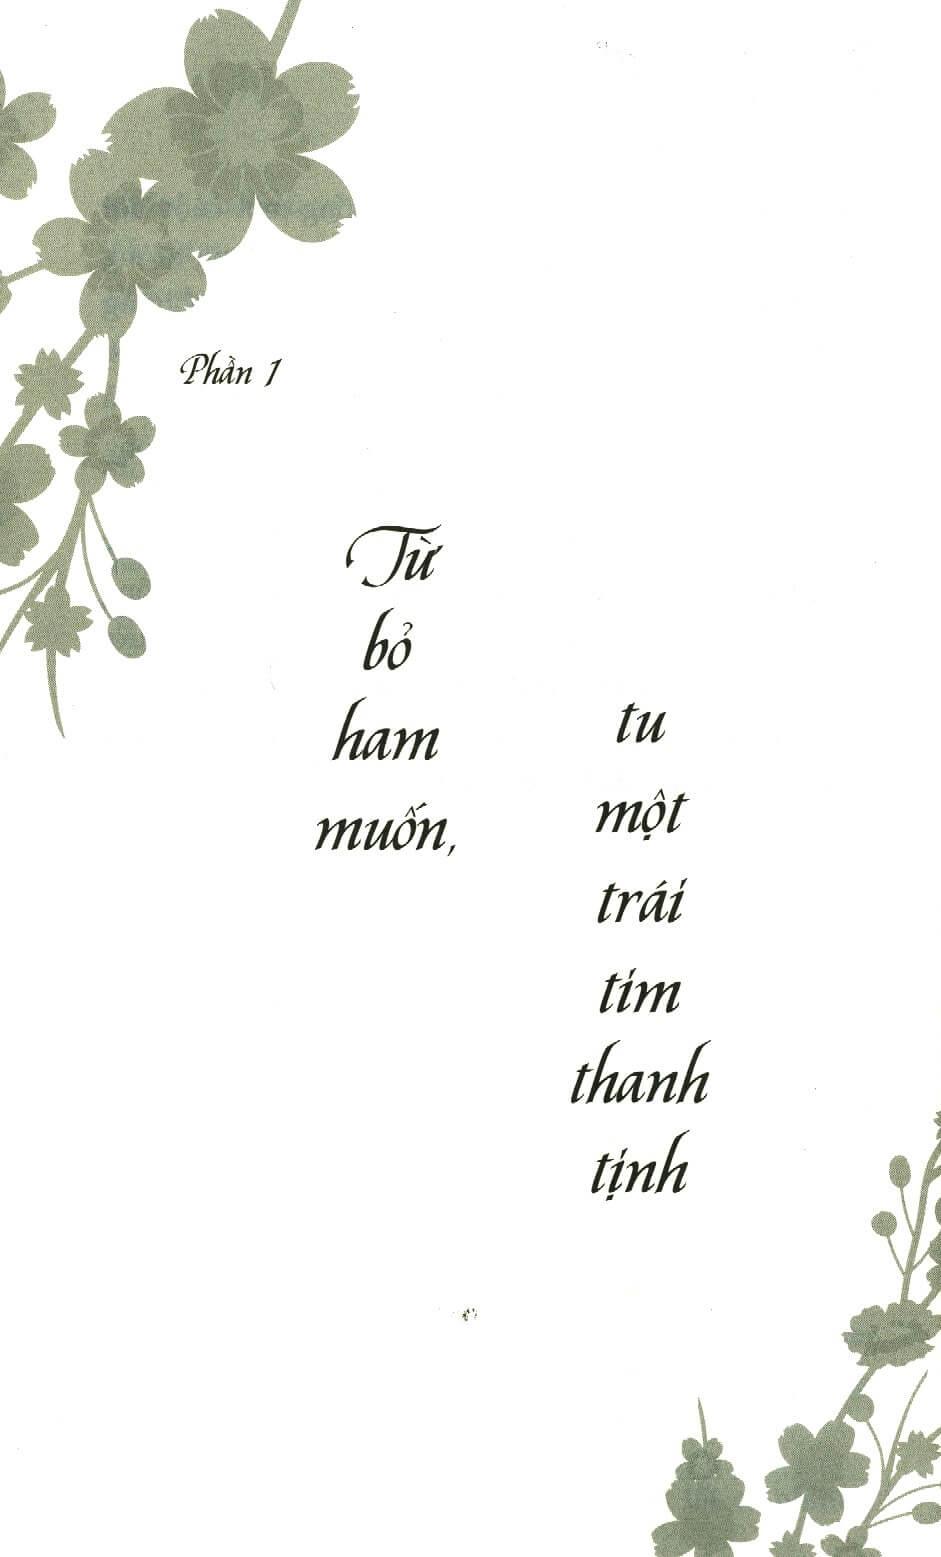 Từ bỏ ham muốn, tu một trái tim thanh tịnh - Nóng Giận Là Bản Năng, Tĩnh Lặng Là Bản Lĩnh - Tống Mặc